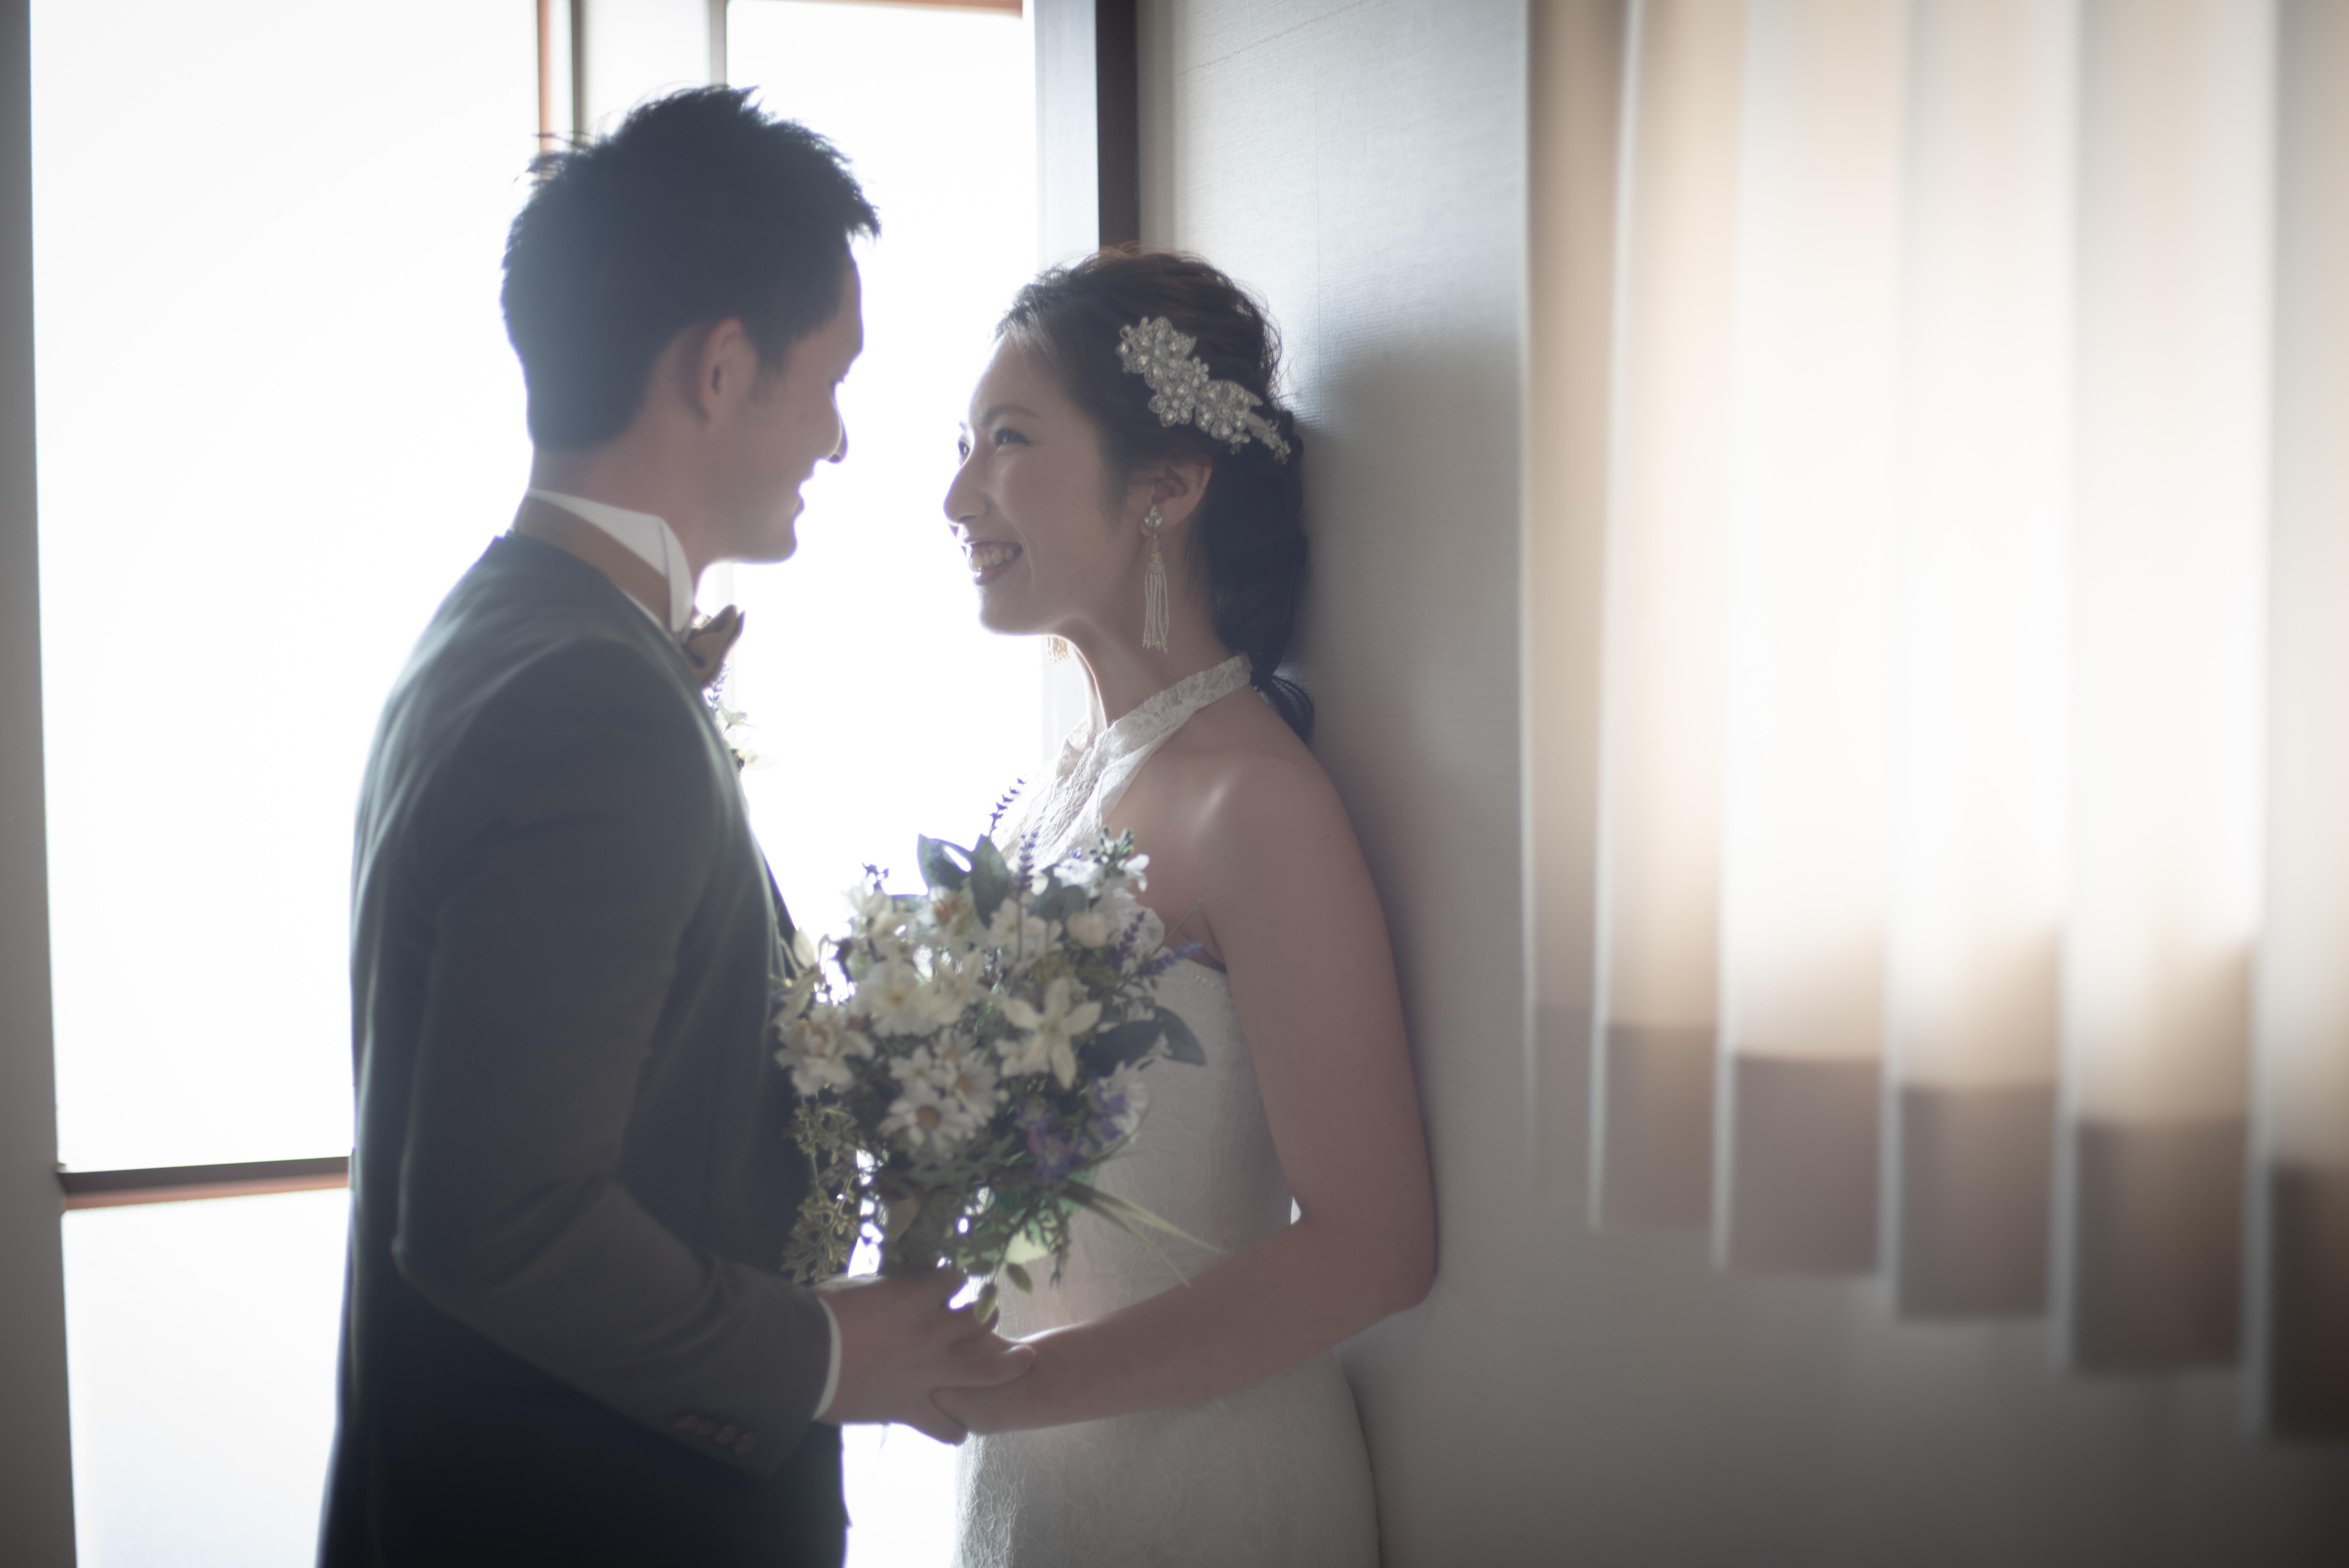 香川県高松市の小さな結婚式紹介所マリマリコンシェルジュで費用を抑えたフォトウエディング